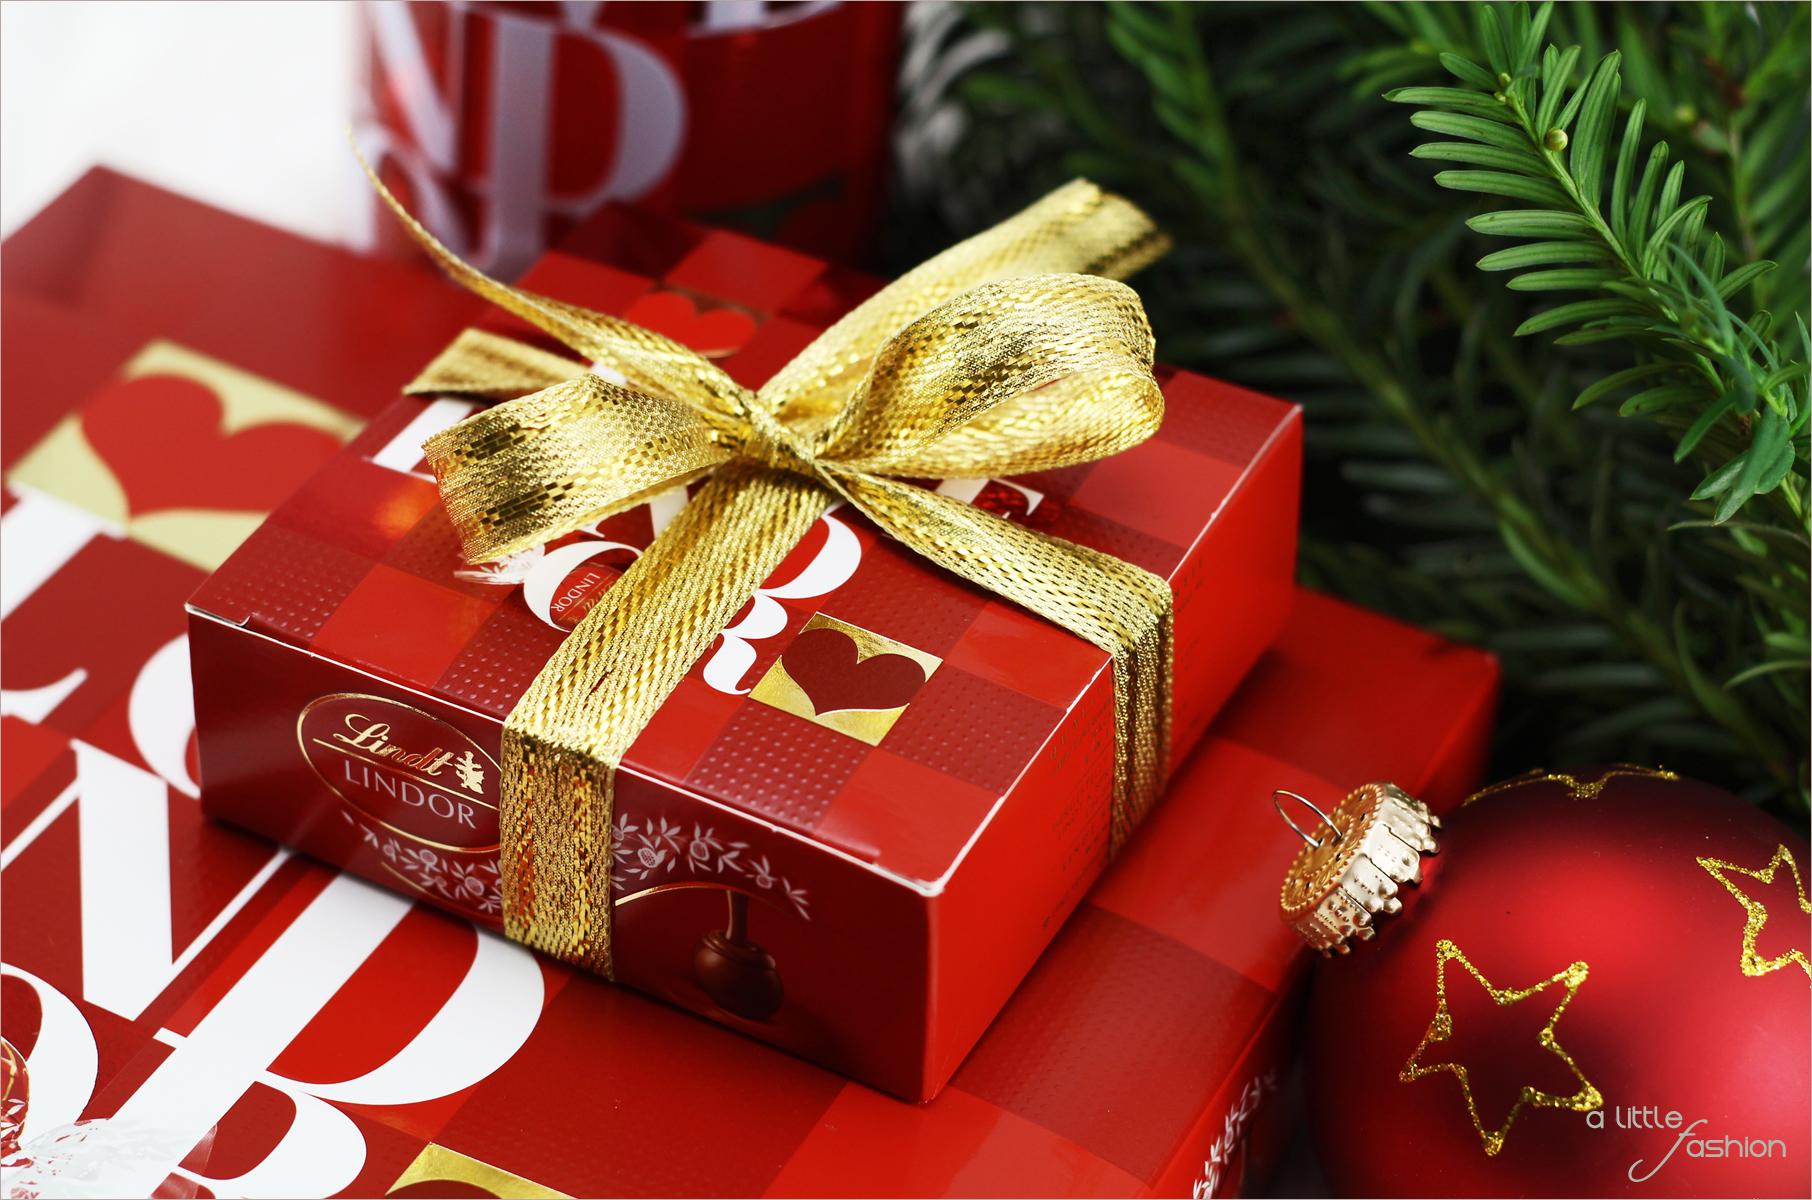 Zu Weihnachten Liebe schenken mit Lindt | A Little Fashion | https://www.filizity.com/pinnwand/zu-weihnachten-liebe-schenken-mit-lindt